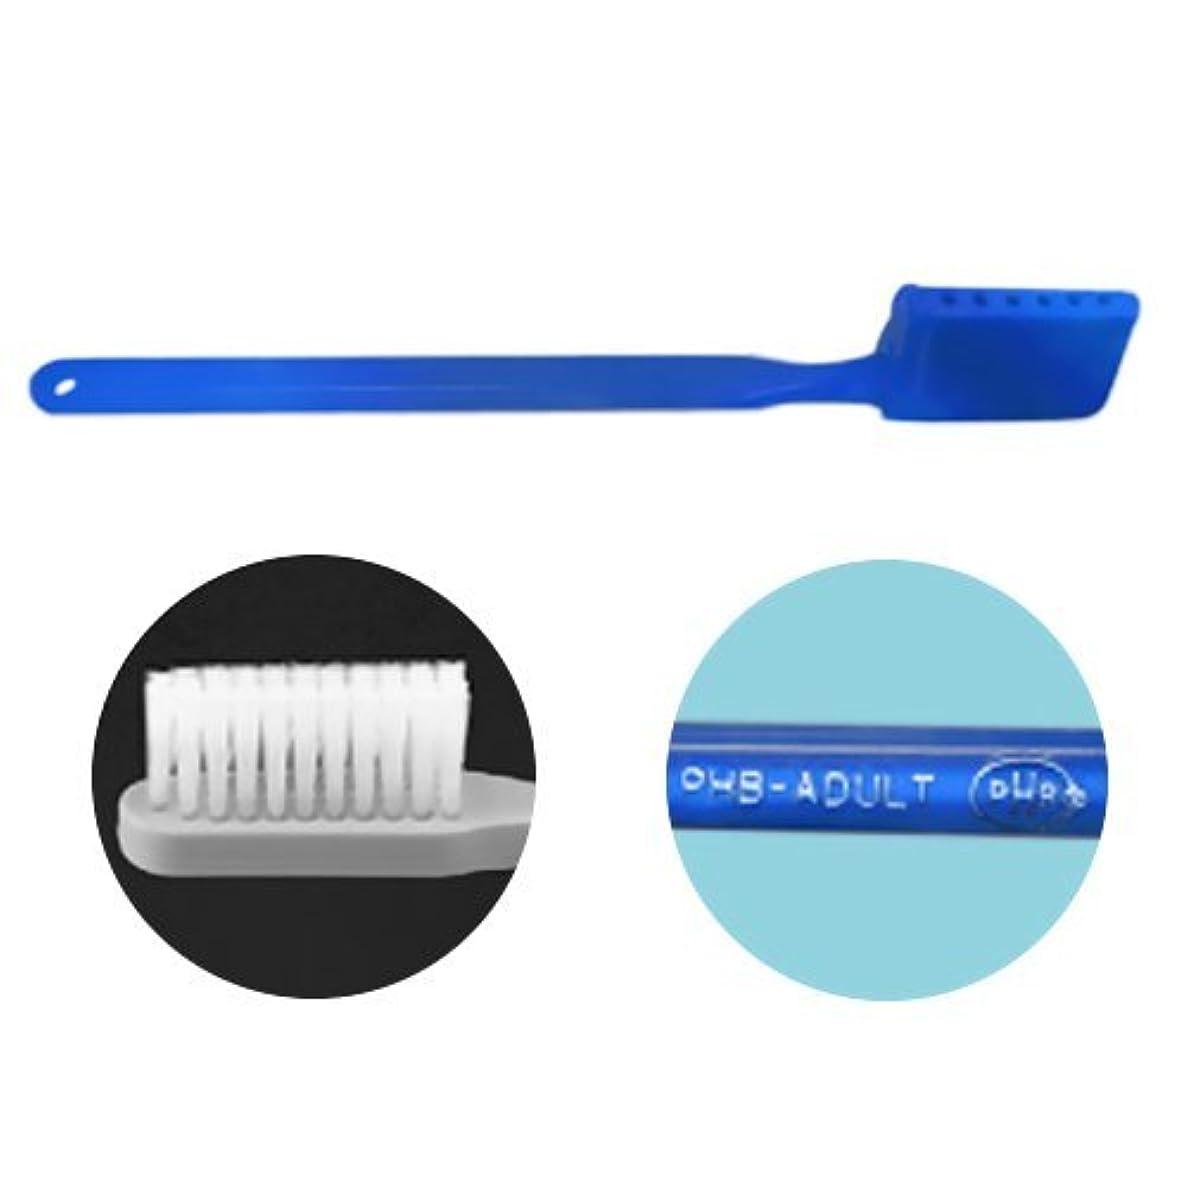 宣言する用心蚊PHB 歯ブラシ アダルトサイズ 1本 ネオンブルー